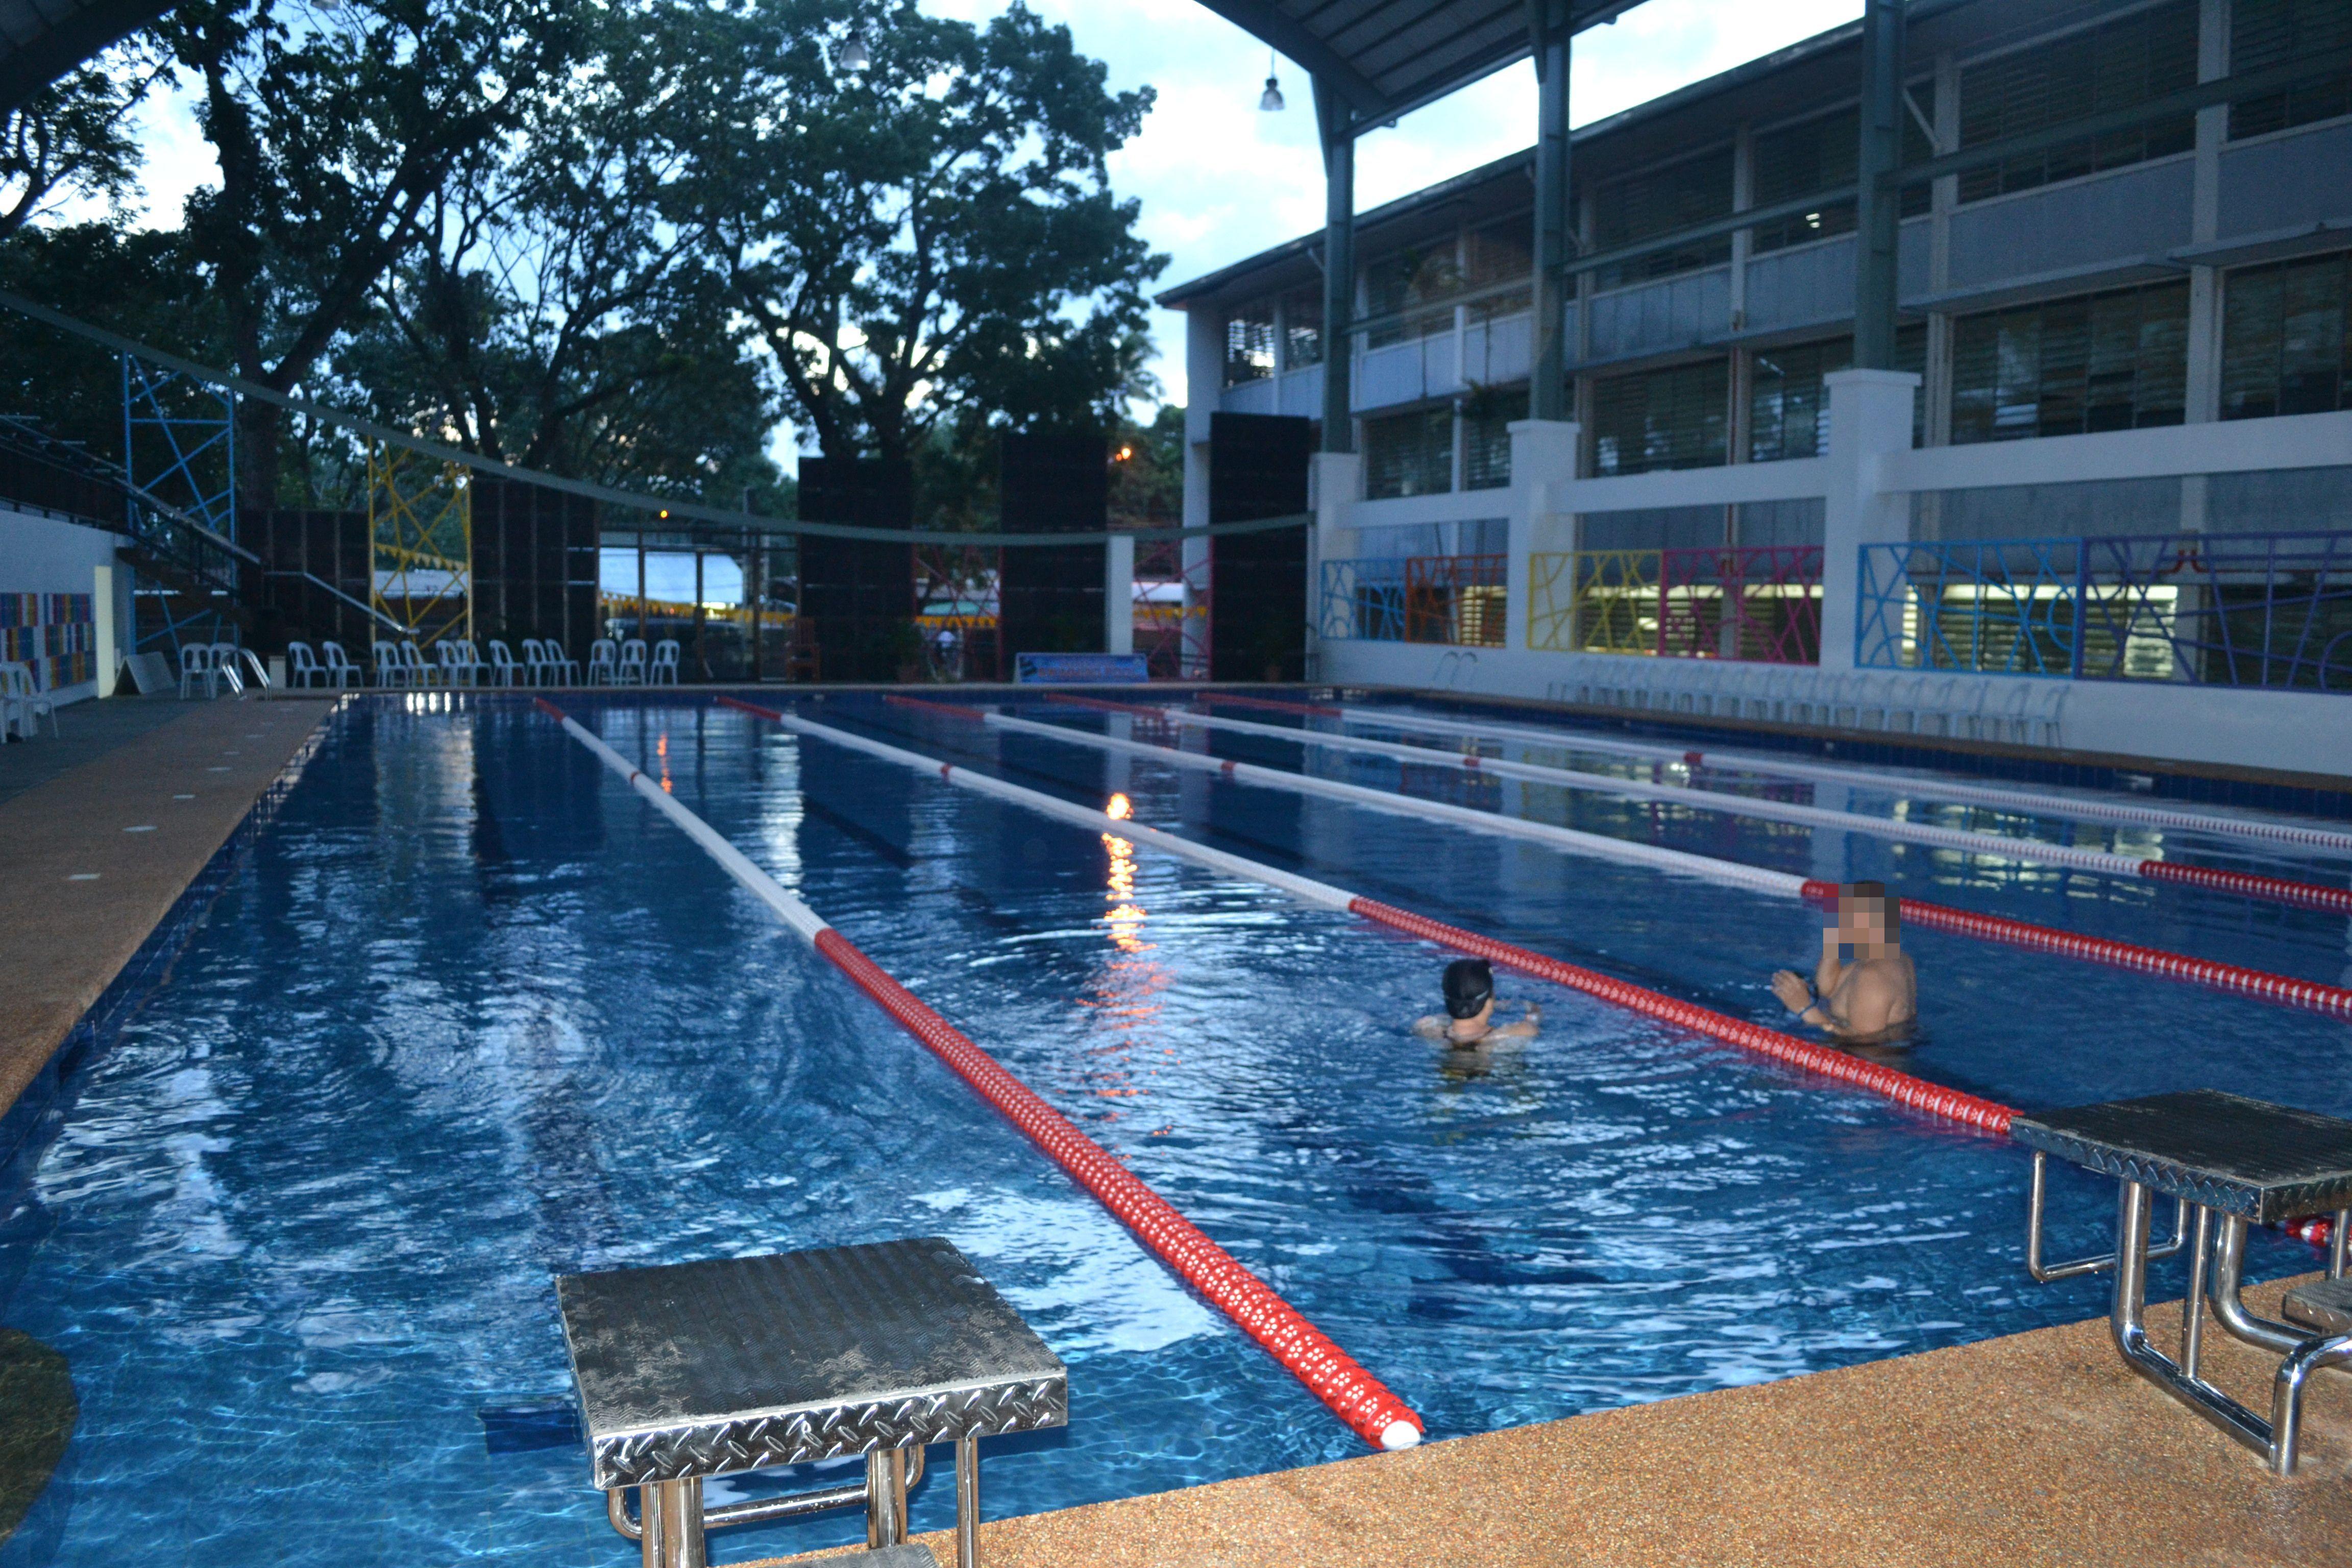 Ateneo De Davao University 39 S Swimming Pool And Rubberized Sports Track Davaobase